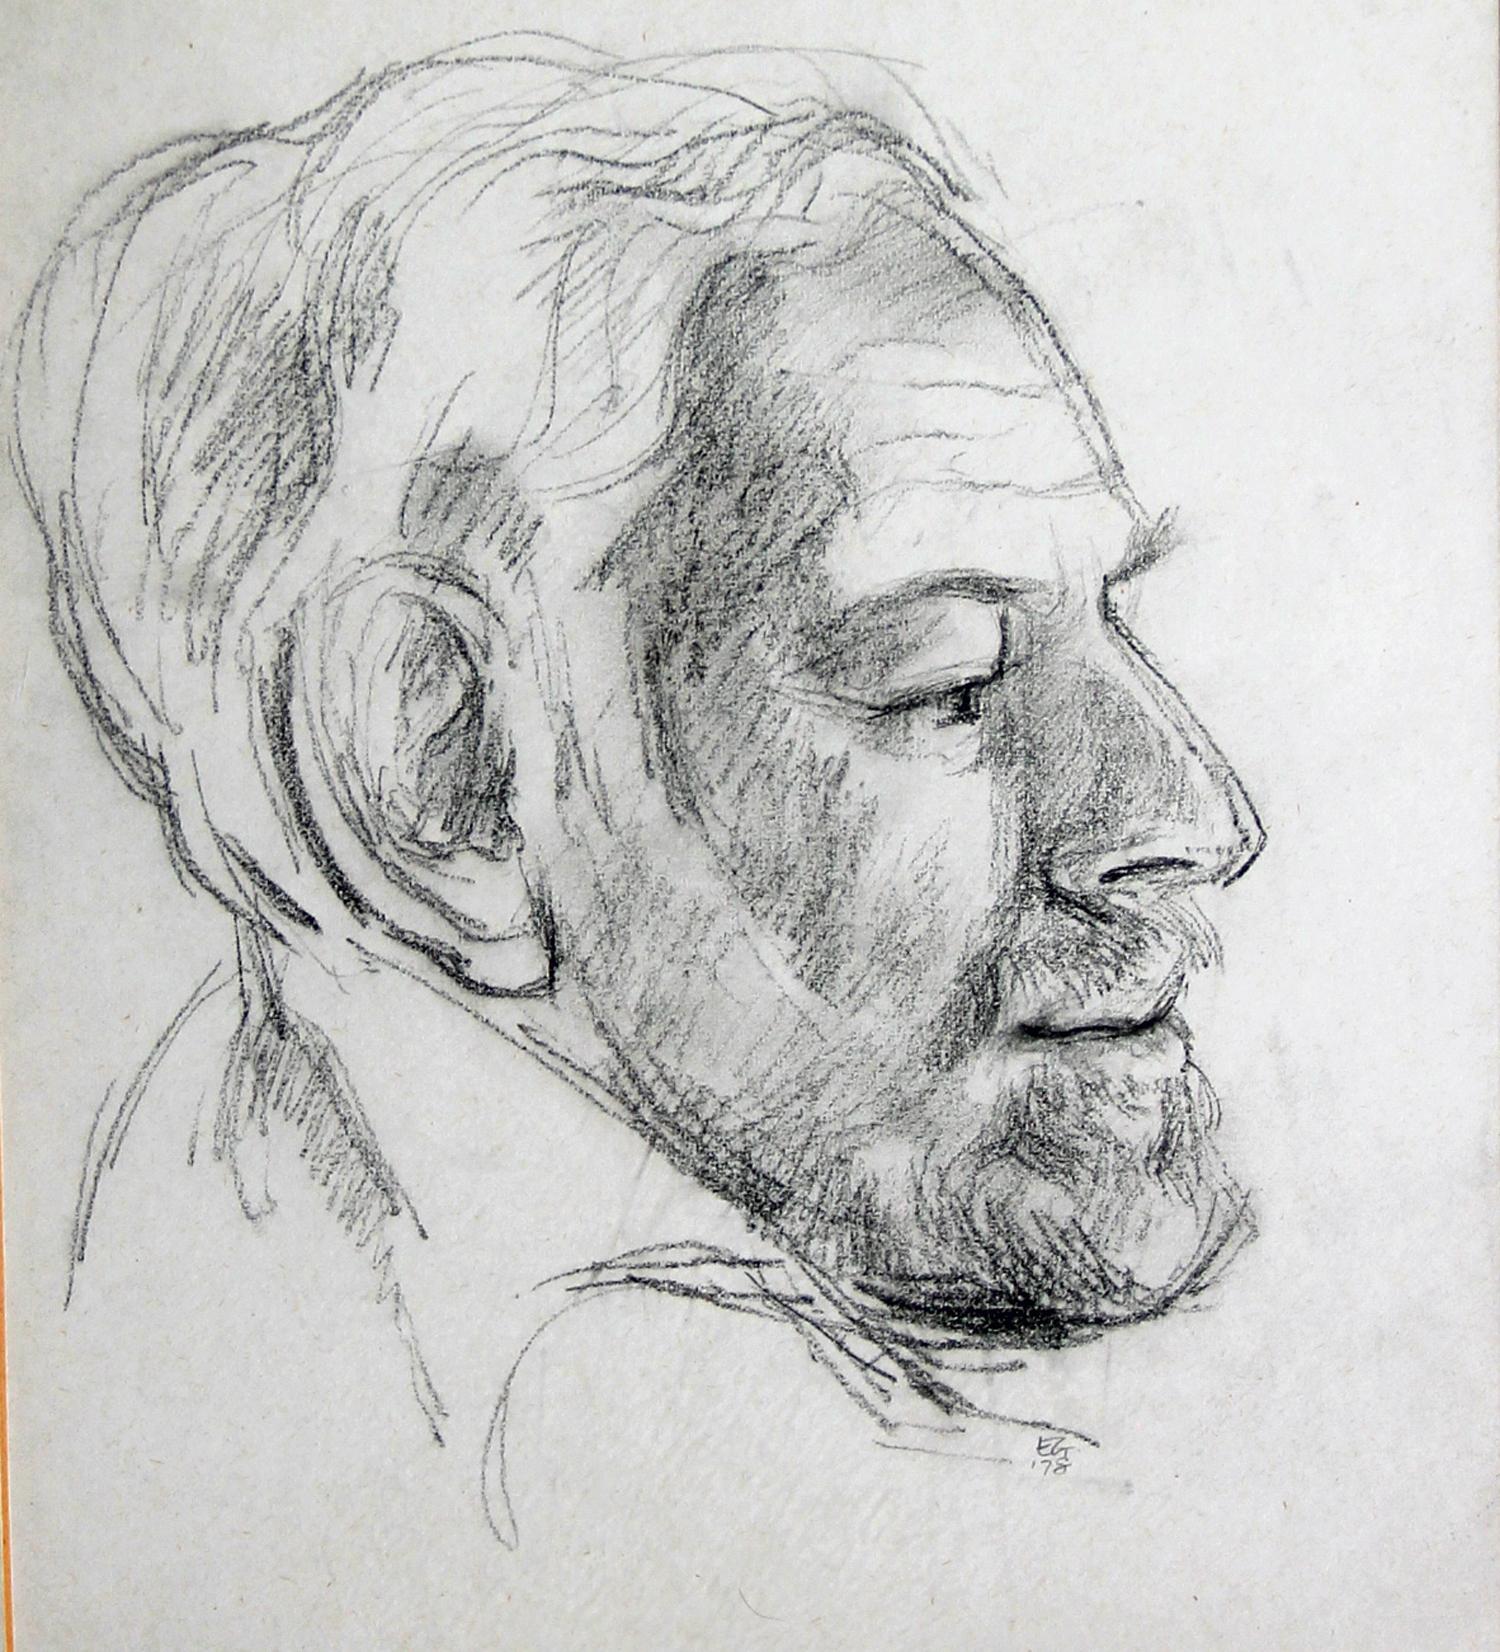 Denis Glyn